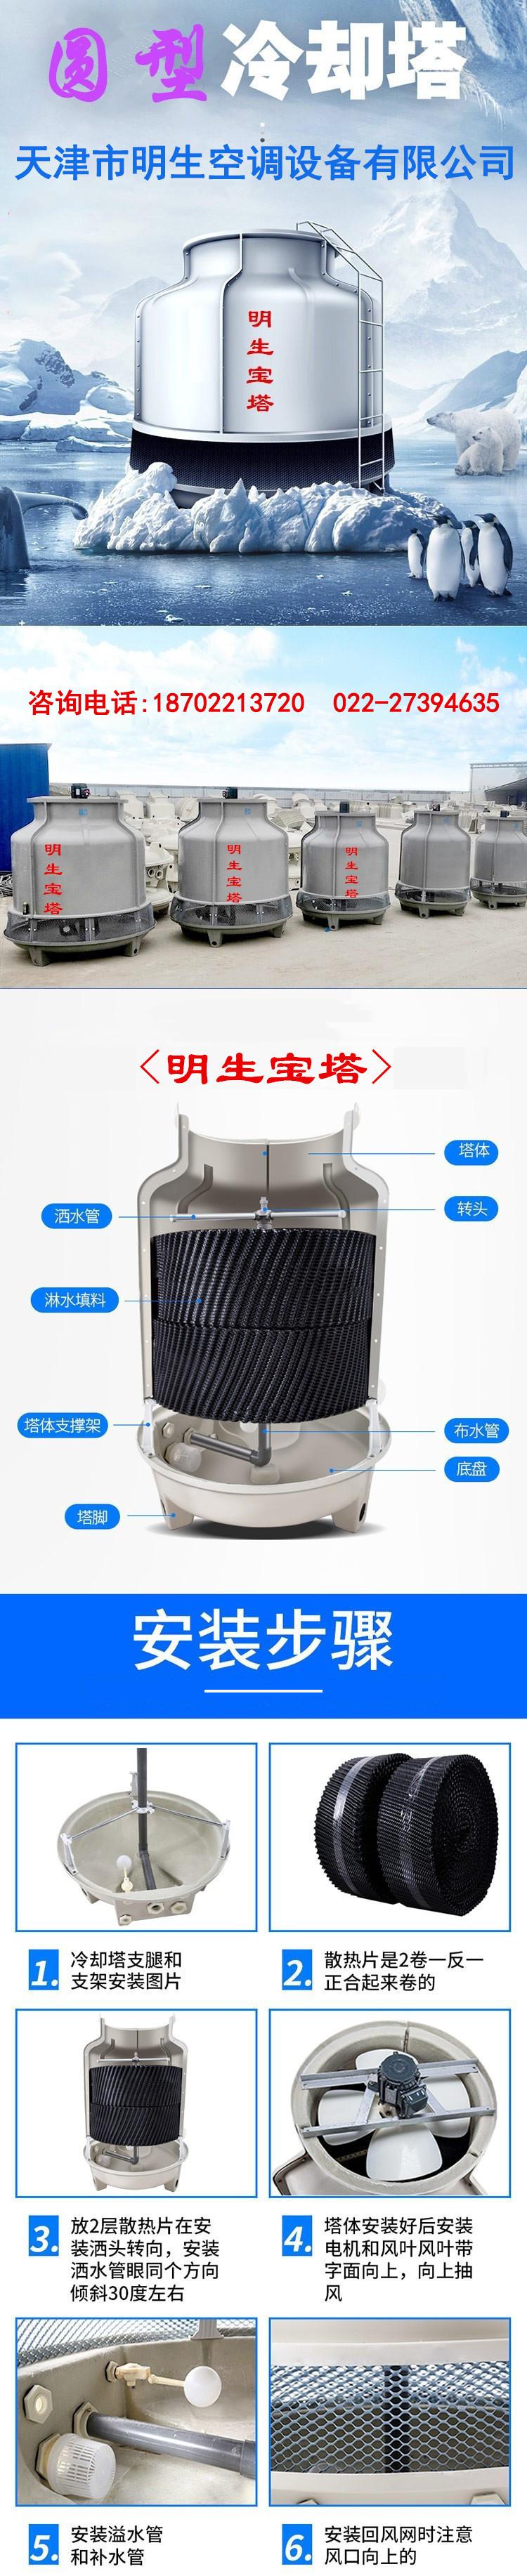 圆形冷却塔1